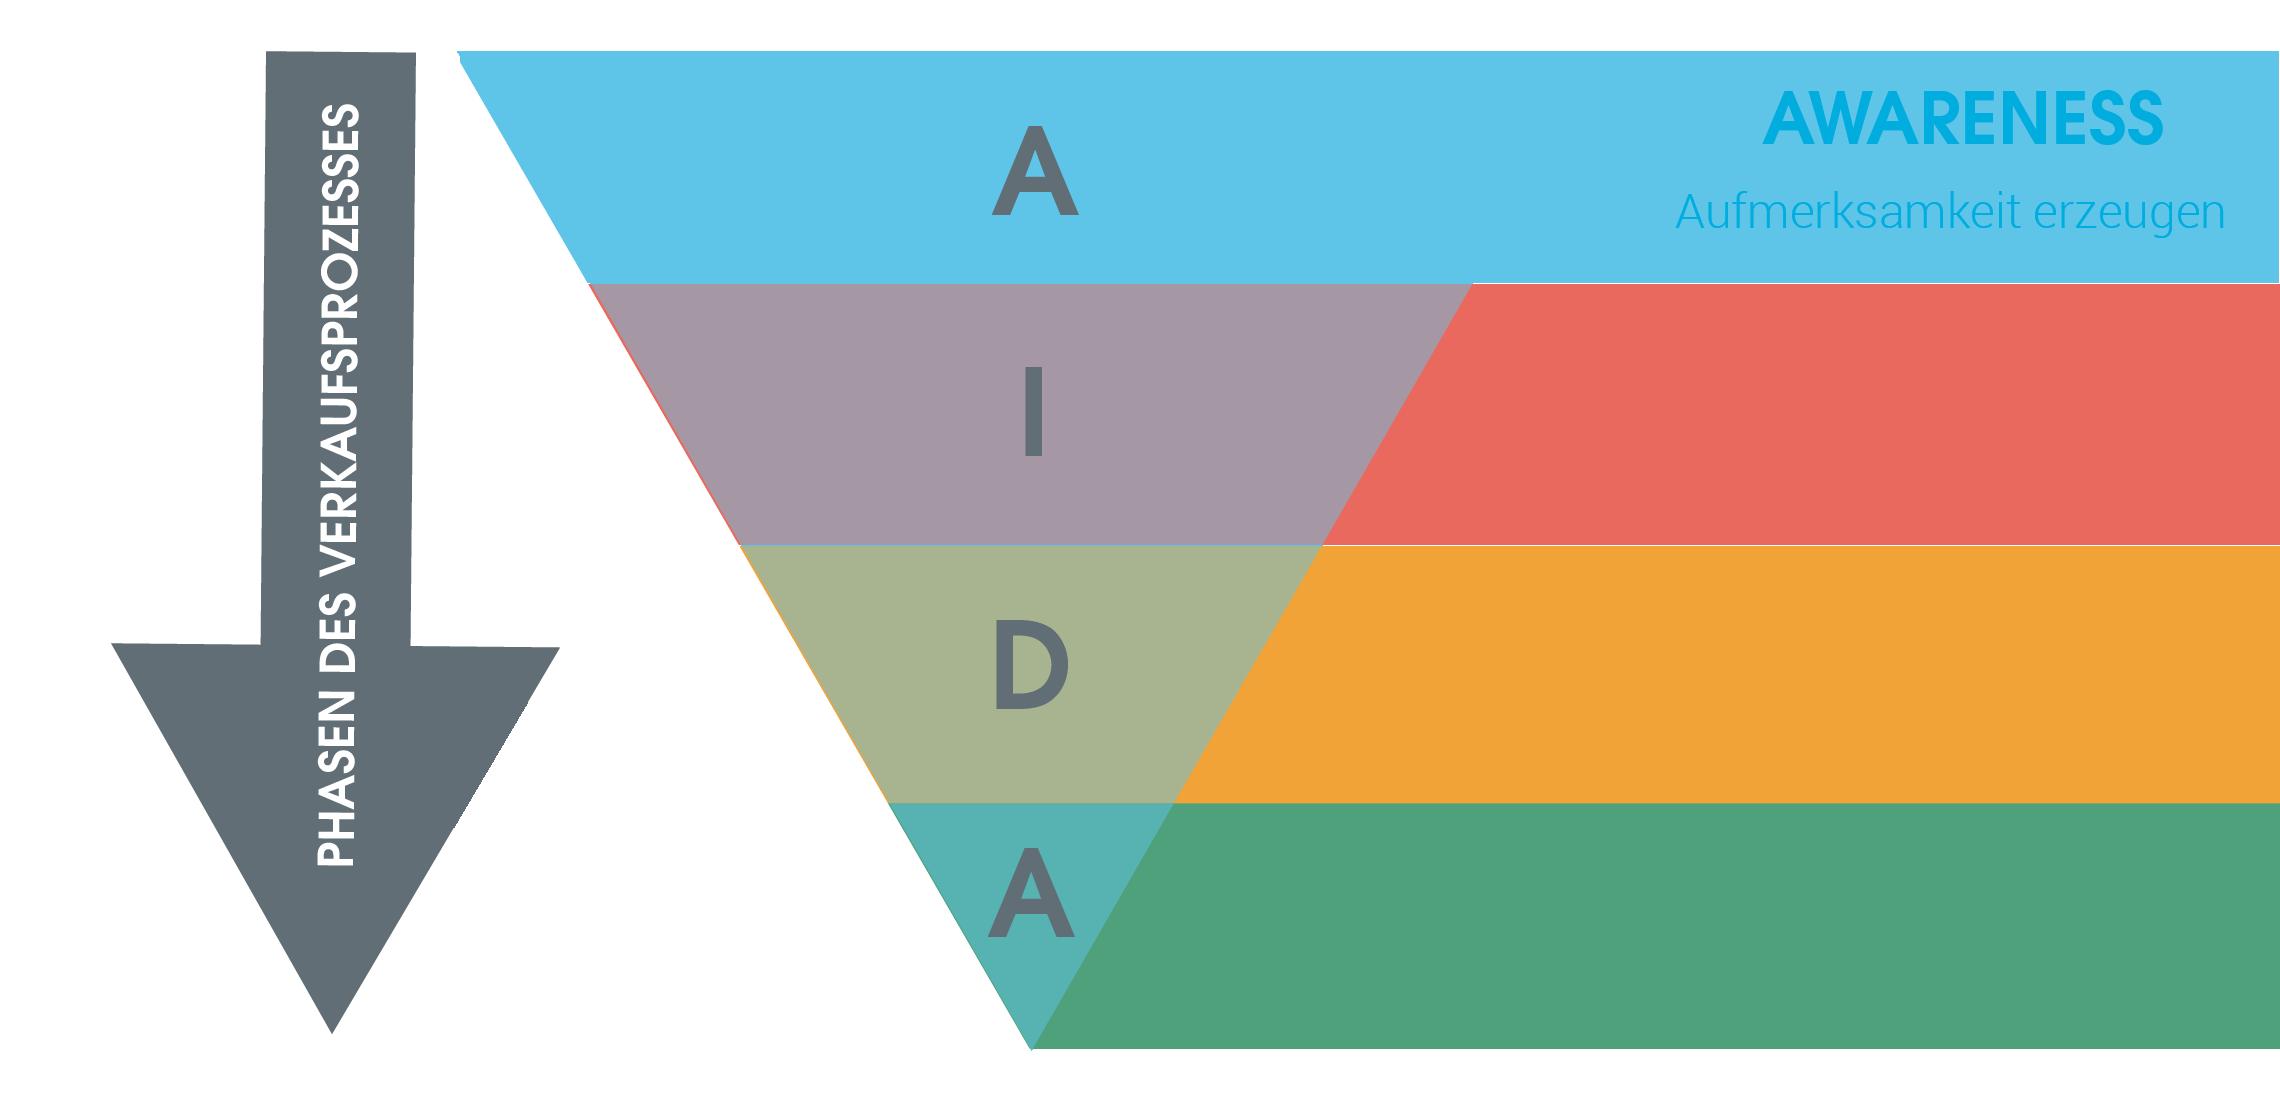 Das Bild zeigt eine Grafik des AIDA-Modells, welche die vier Phasen des Verkaufsprozesses beinhaltet. Diese sind: 1. Awareness –Aufmerksamkeit erzeugen (blau gekennzeichnet) 2. Interest – Interesse wecken (rot gekennzeichnet) 3. Desire – Begehrlichkeit auslösen (orange gekennzeichnet)  4. Action –Handlung aufrufen (grün gekennzeichnet)